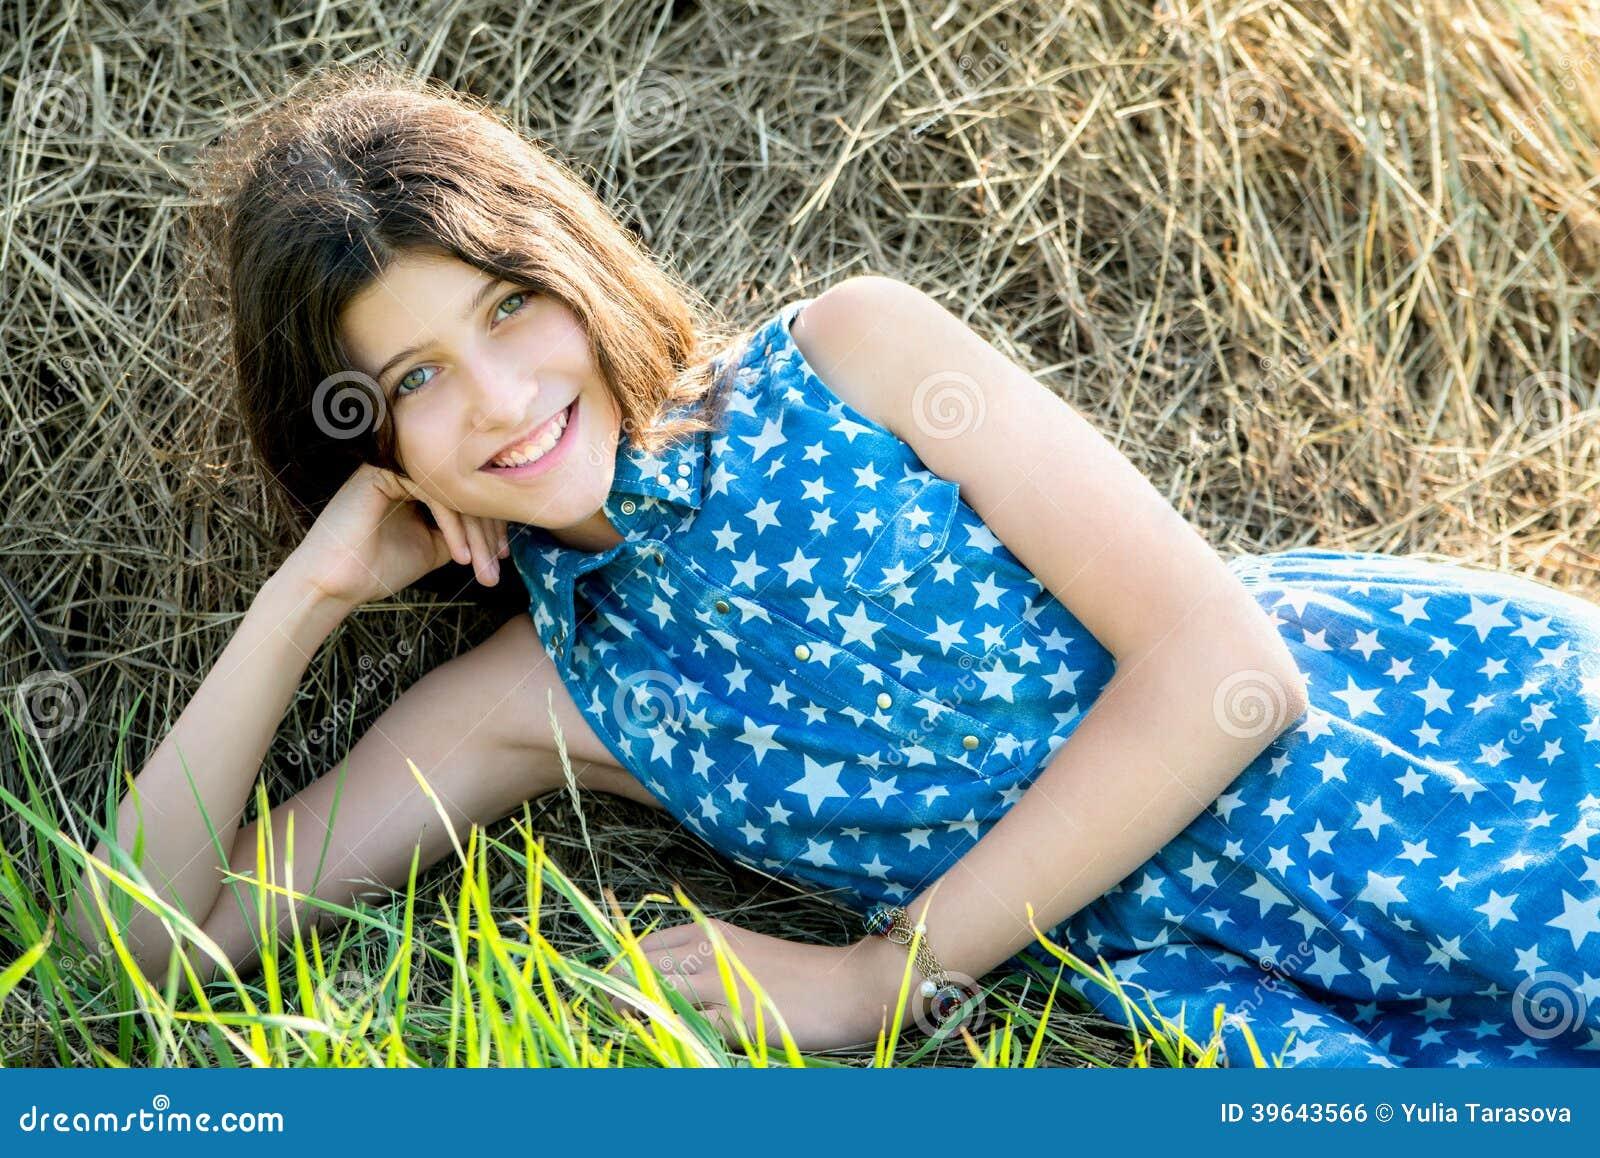 teen girls Cute farm